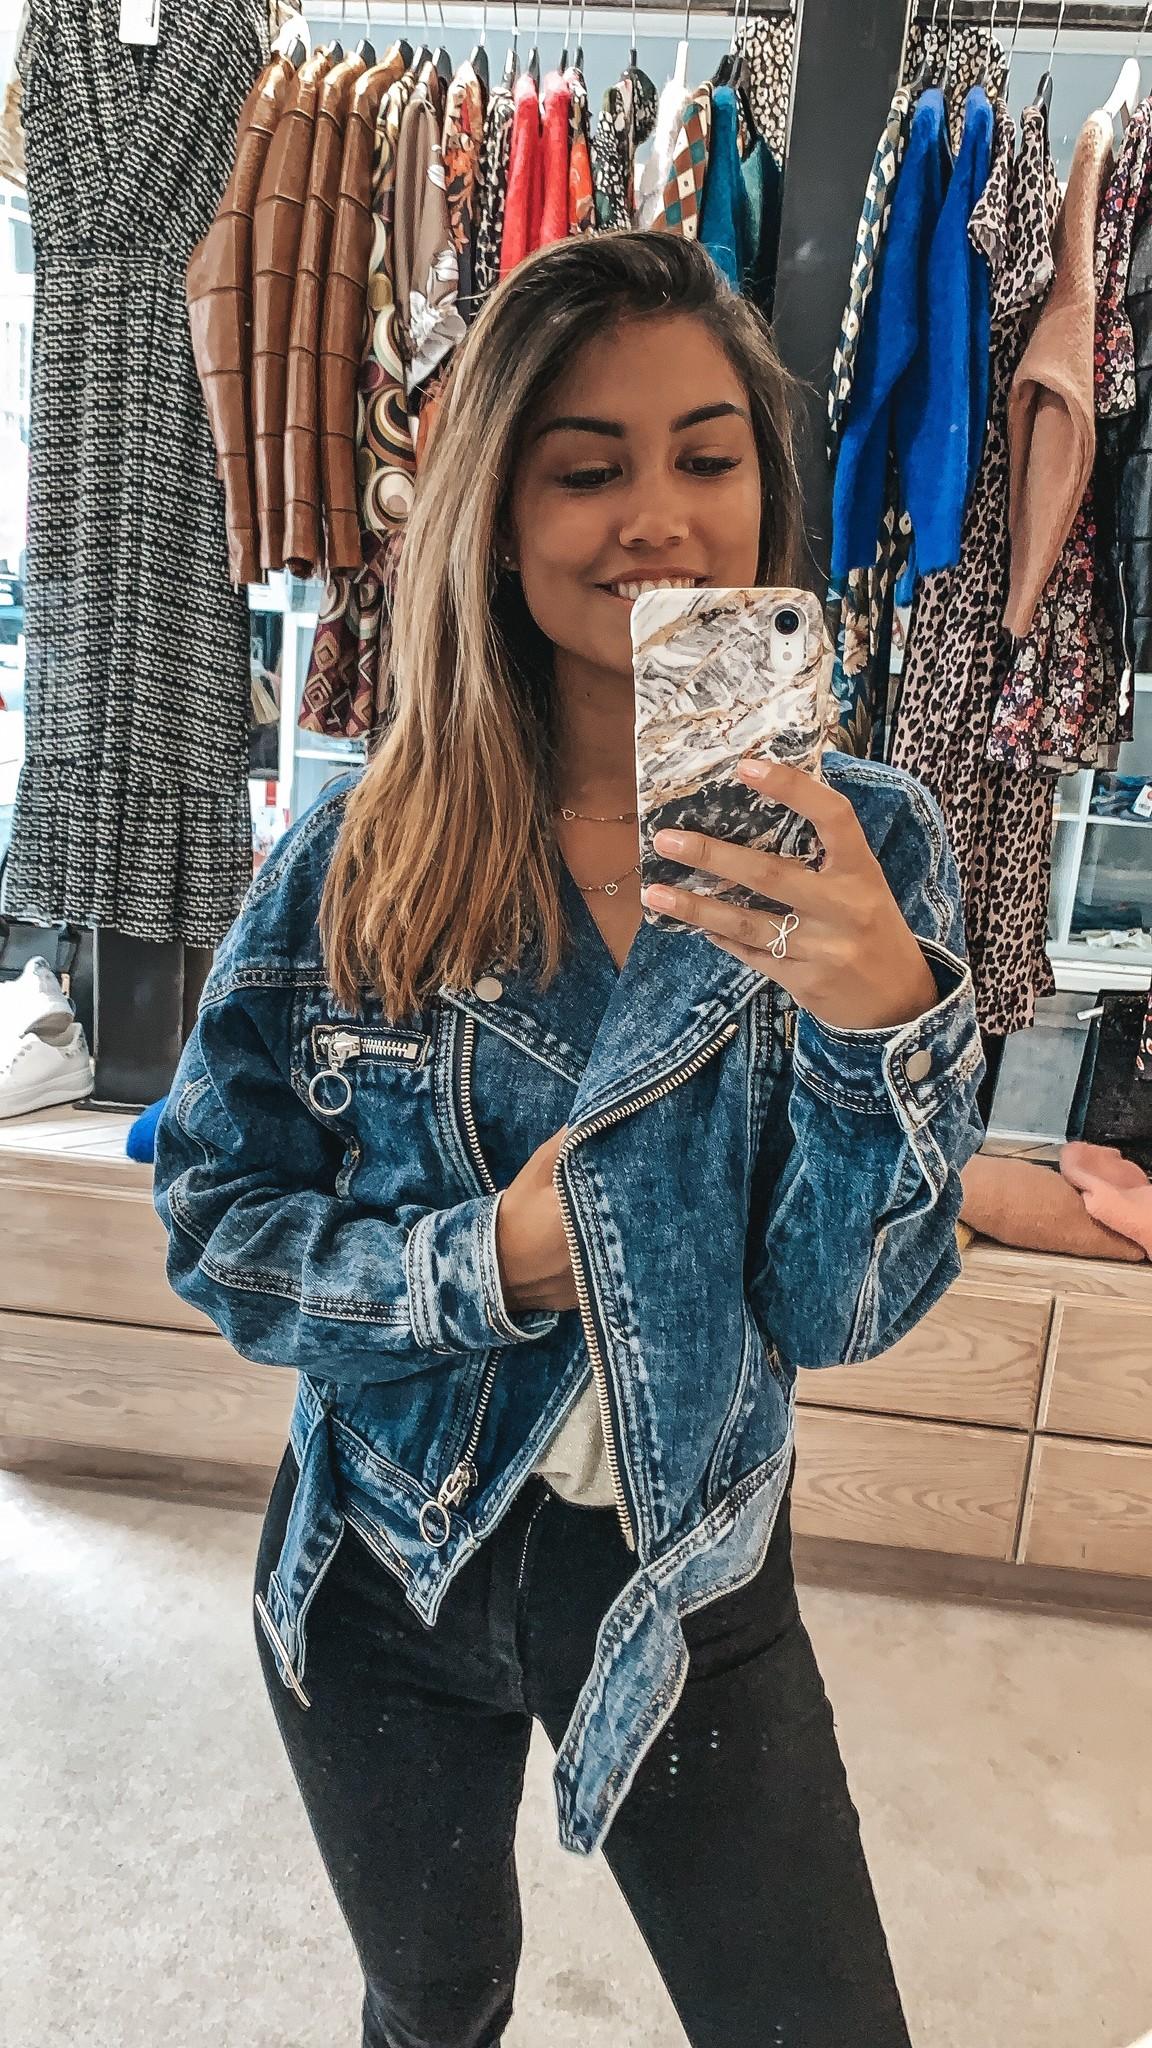 Yuk Yuk Jeans Biker Jacket